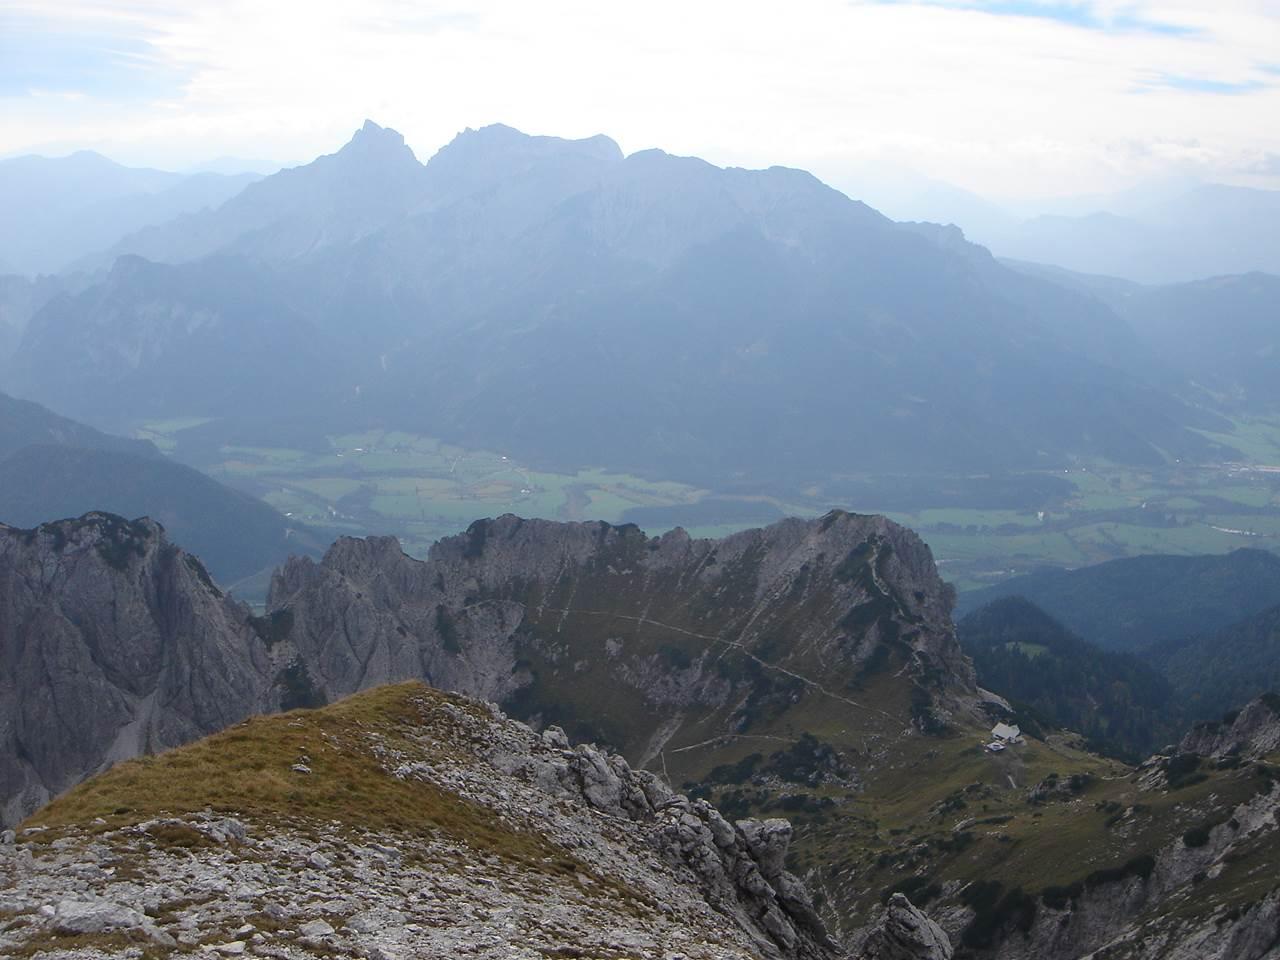 Foto: Manfred Karl / Wander Tour / Grabnerstein - Gipfelrunde / Tiefblick vom Mittagskogel gegen Grabnerstein - Admonter Haus, darüber Reichenstein - Sparafeldkamm. / 18.05.2007 14:51:09